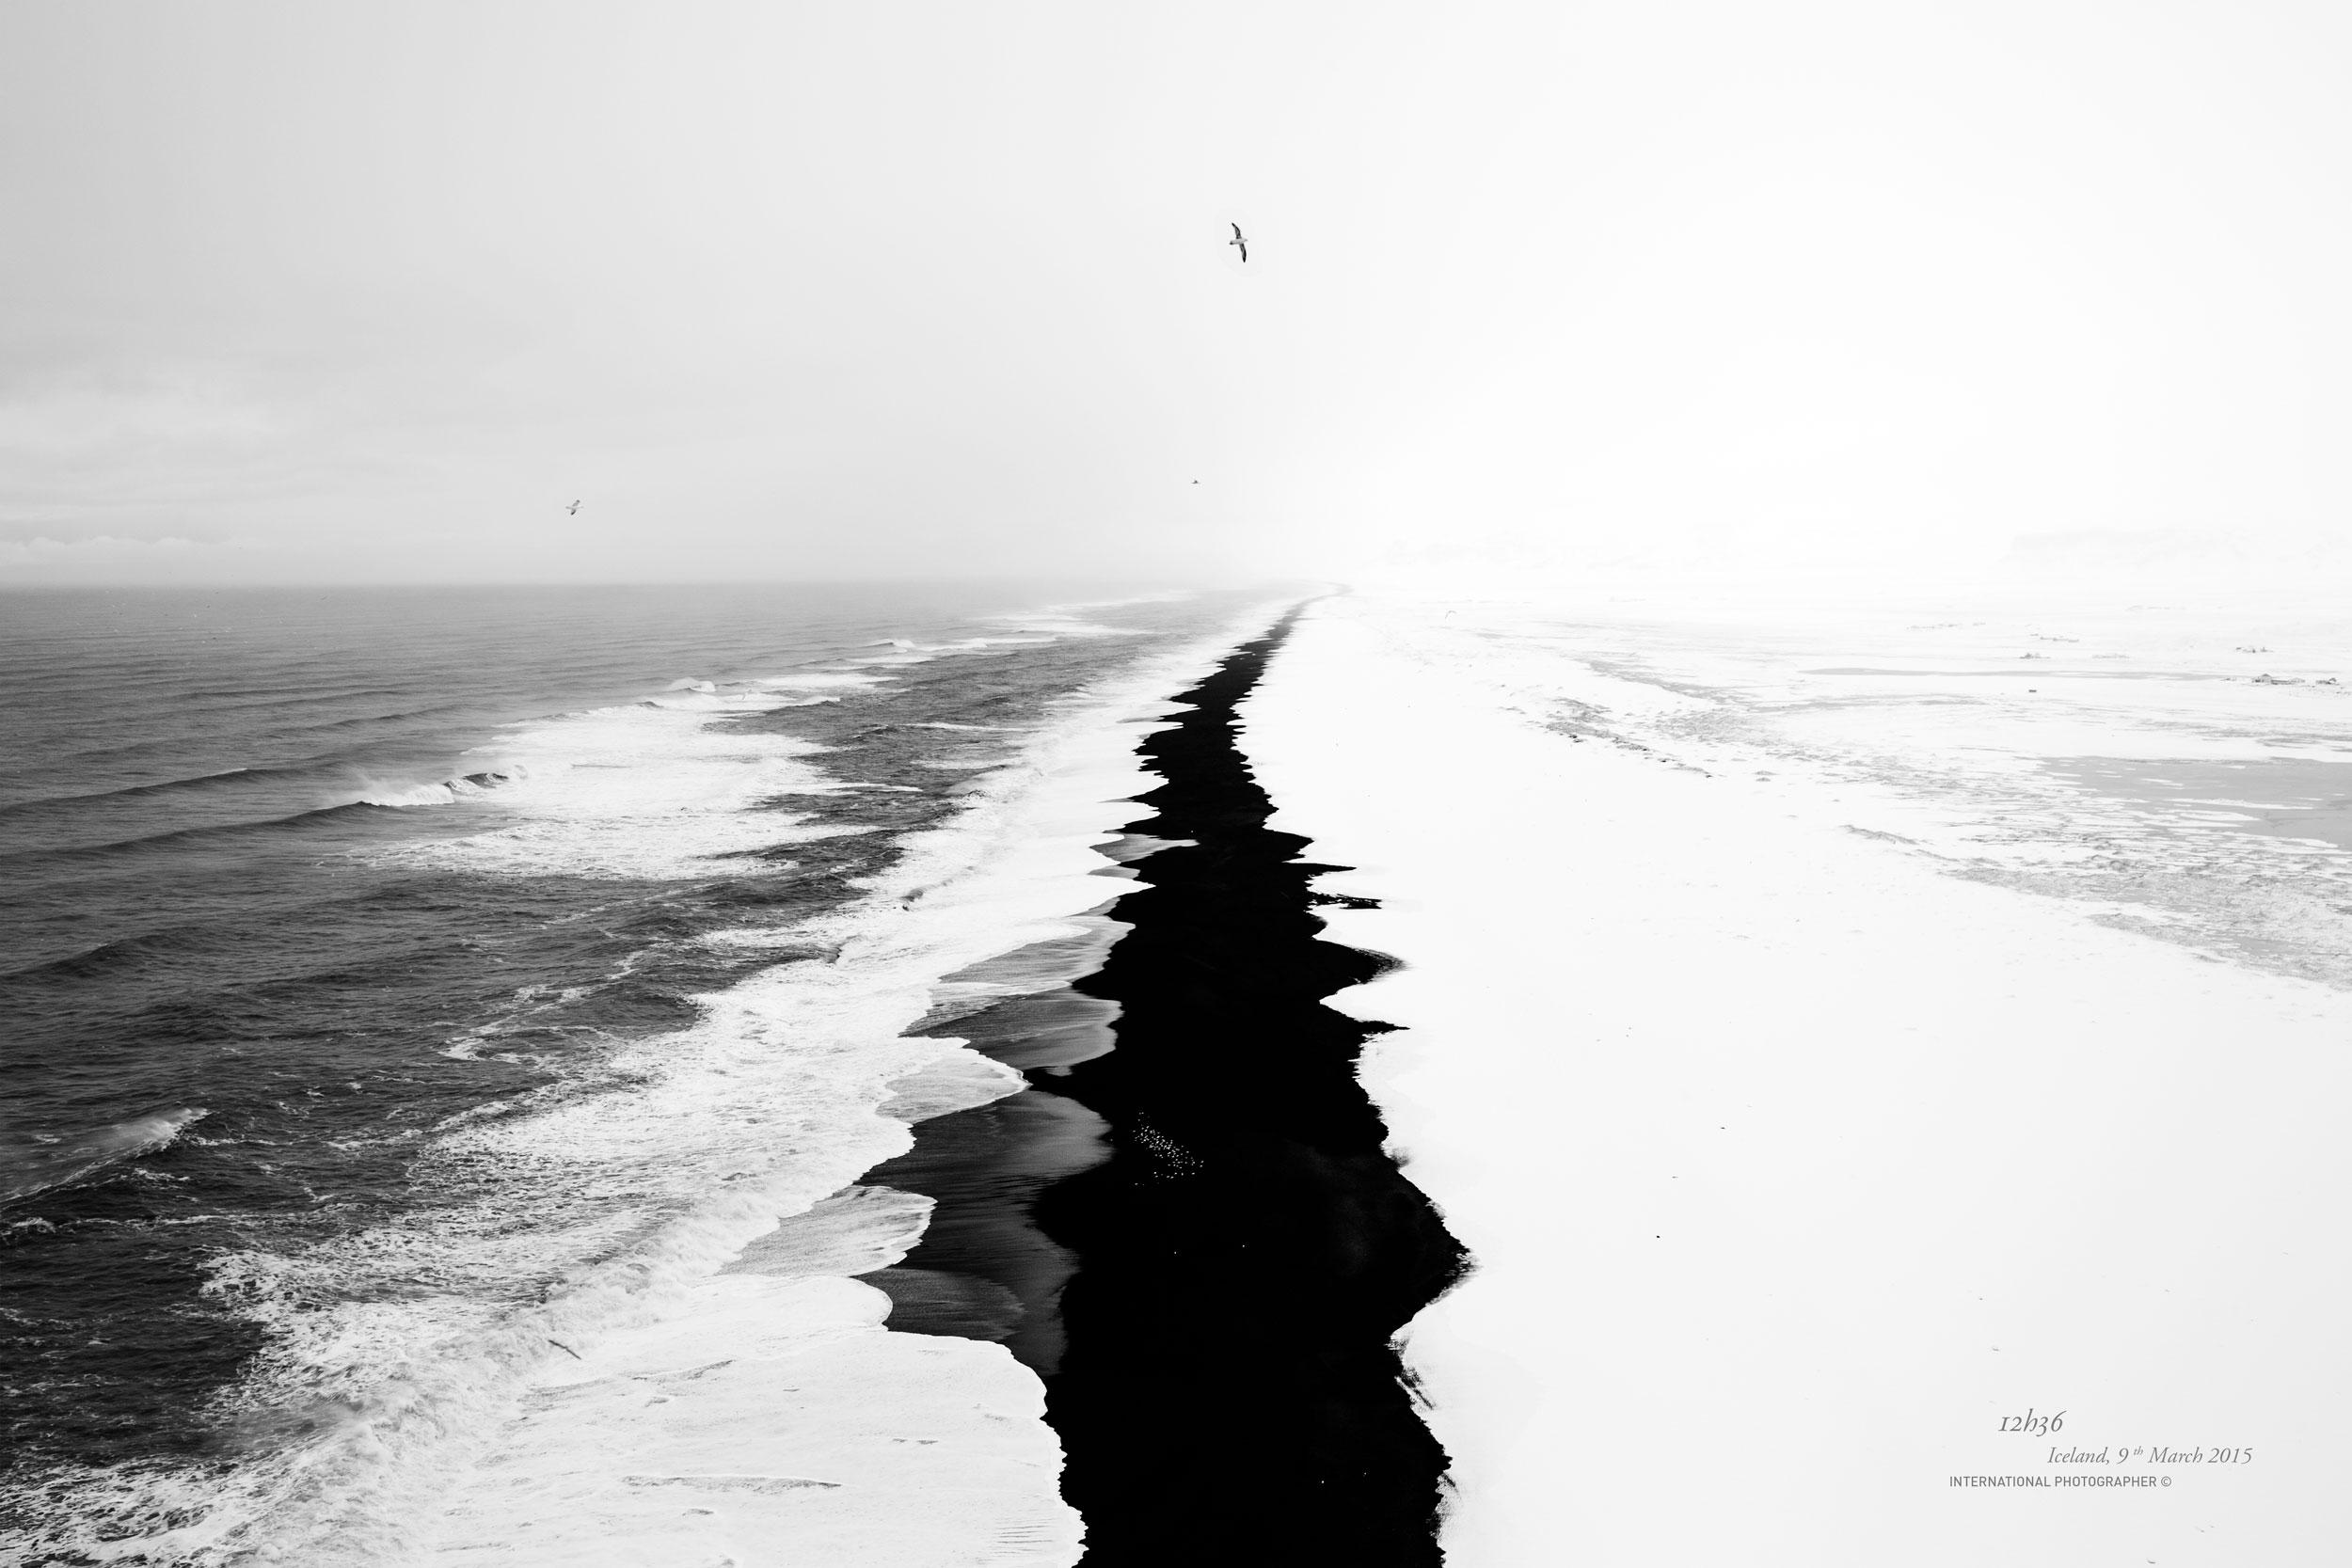 Vue sur la plage recouverte de neige